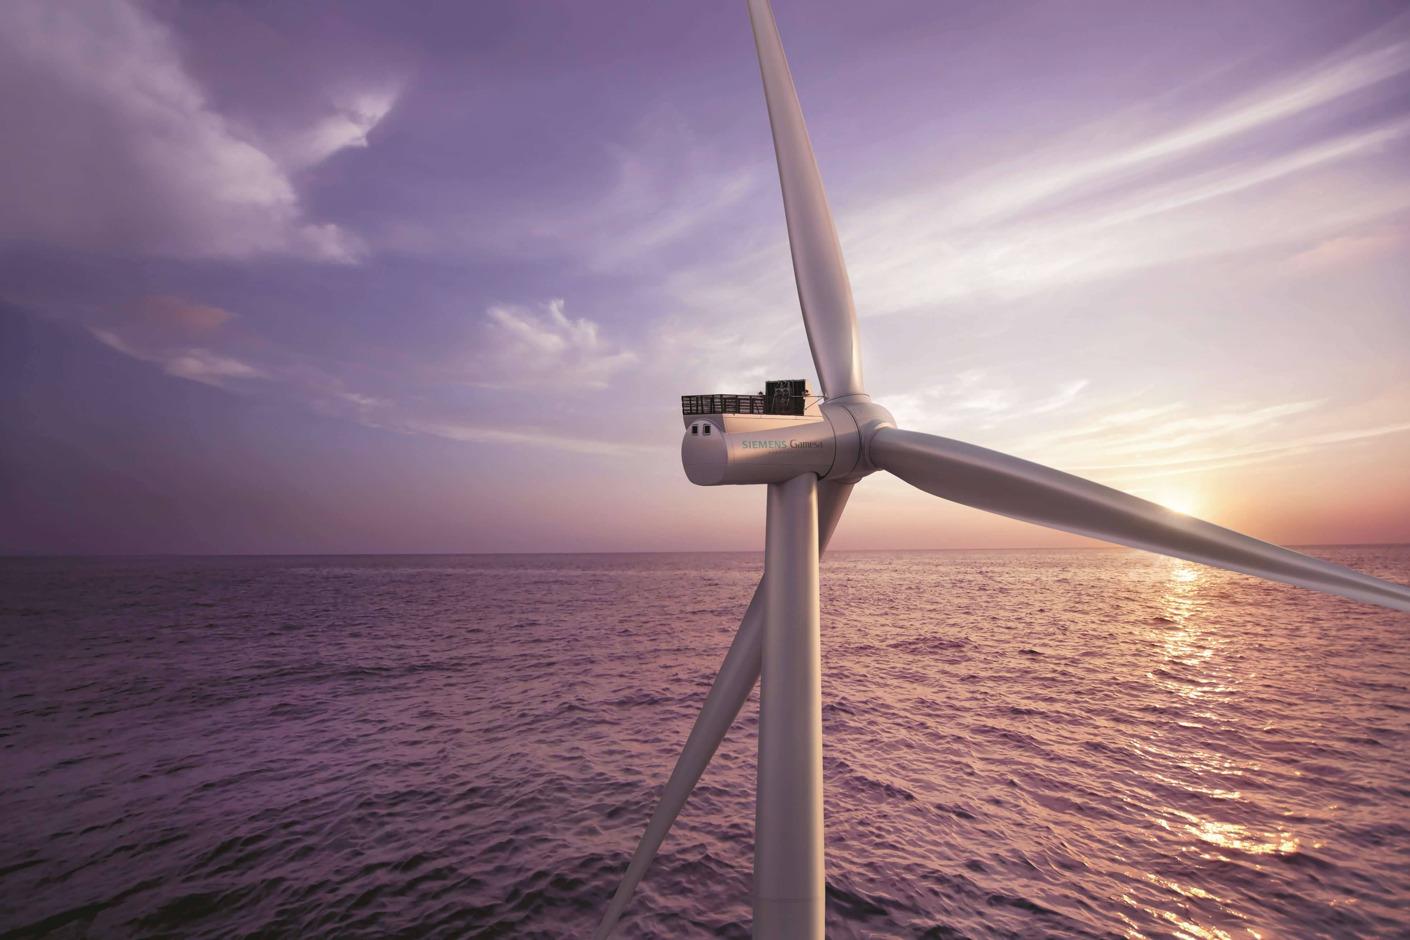 Bouw laatste en grootste offshore windpark in de Noordzee schiet uit de startblokken